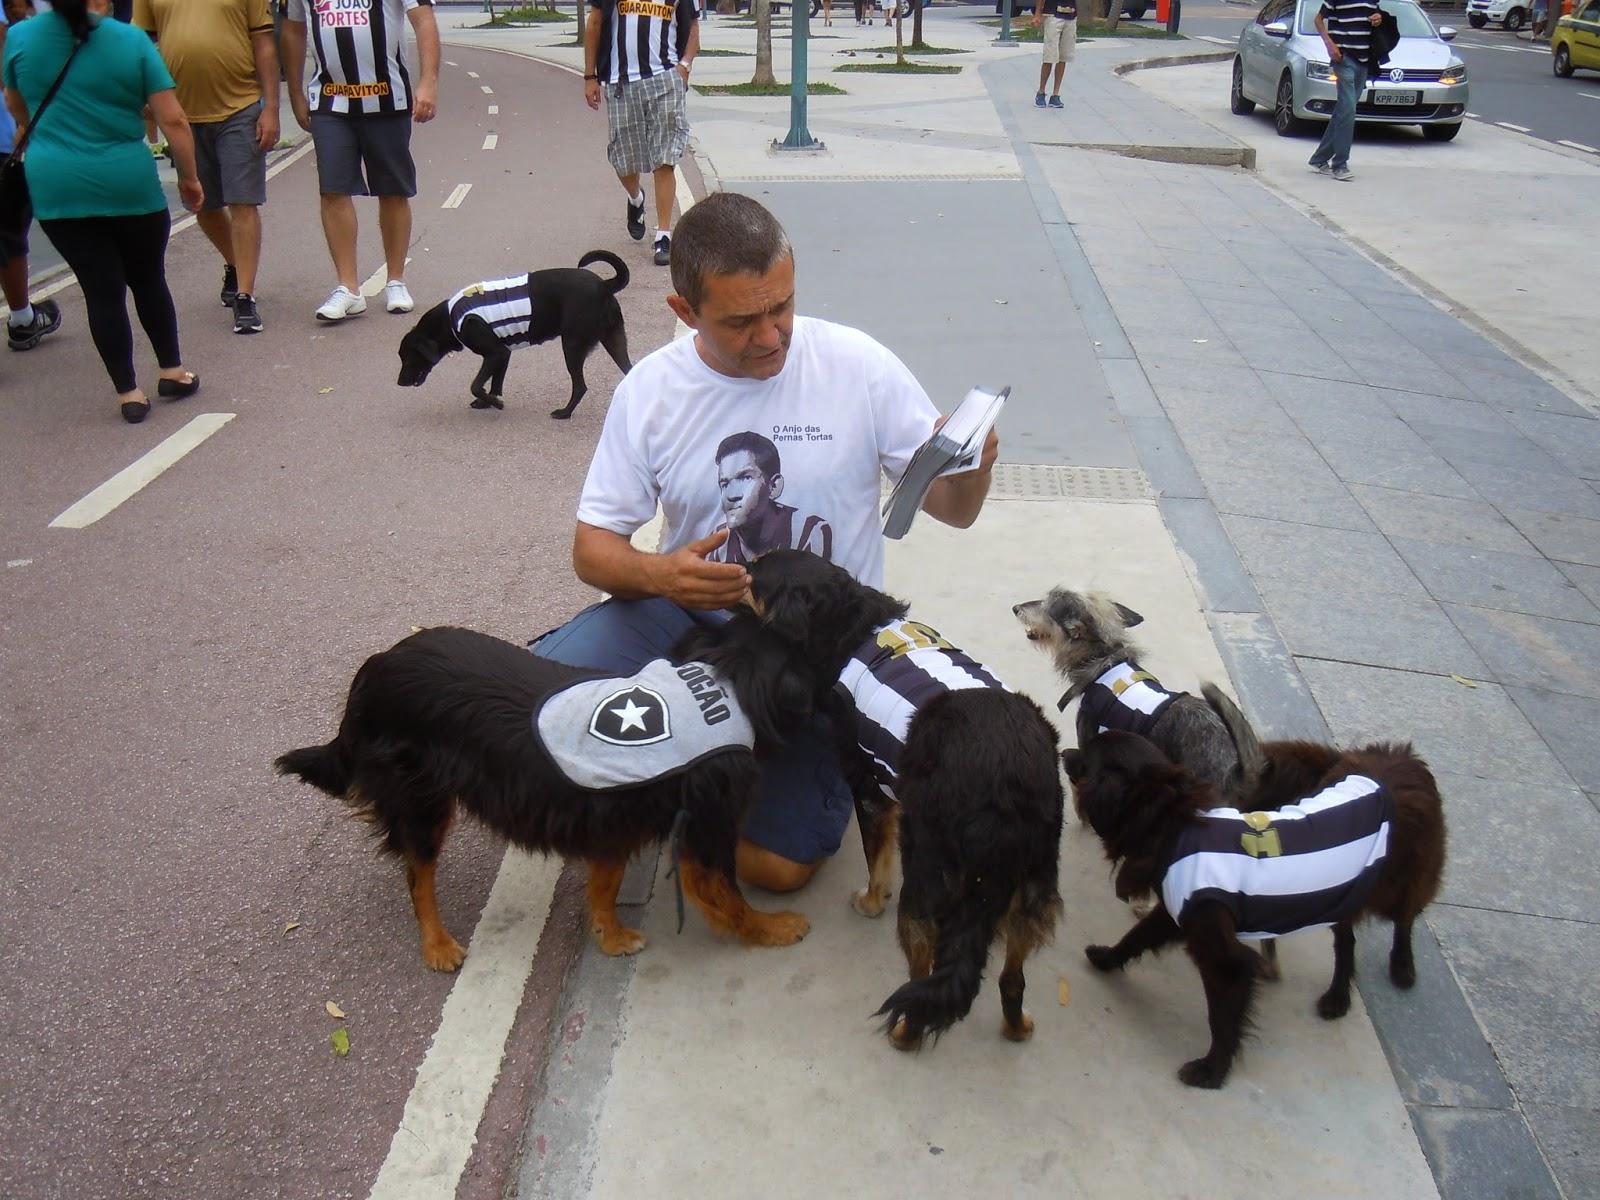 Coisas que só acontecem ao Botafogo: cachorrada botafoguense no Maracanã